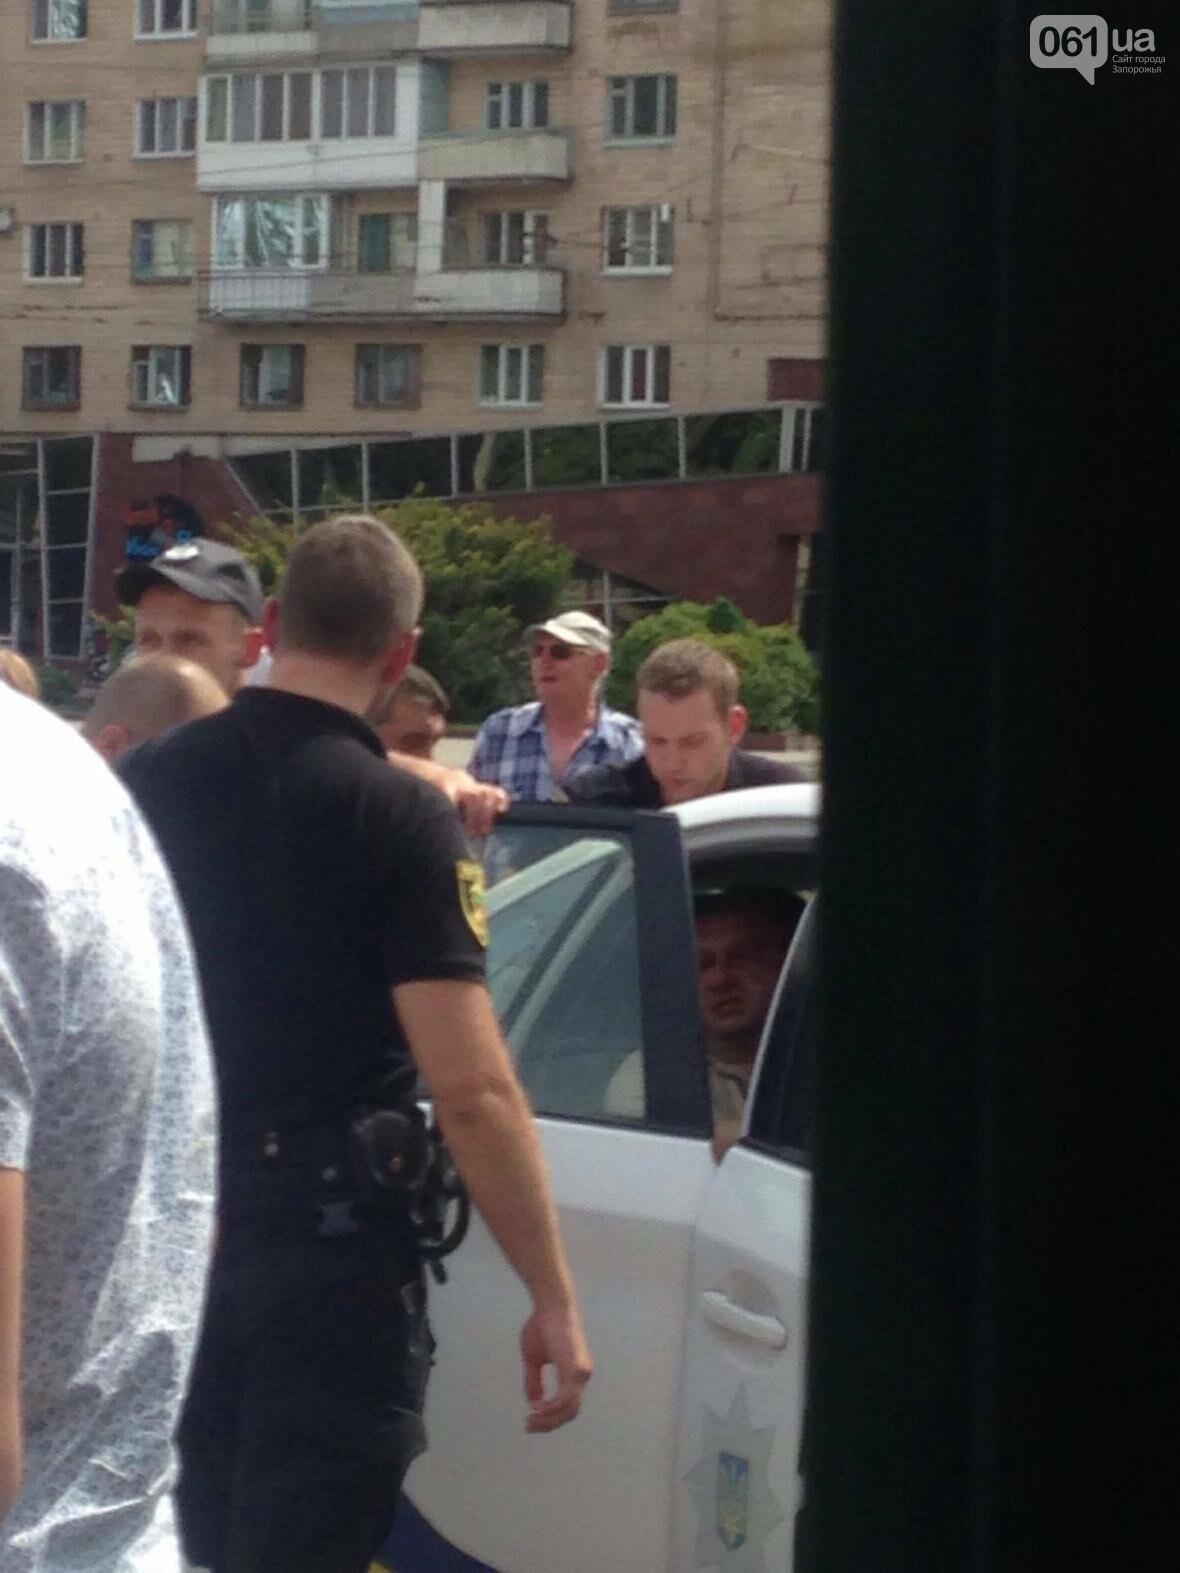 В центре Запорожья мужчина выстрелил женщине в живот, - ФОТО, фото-4